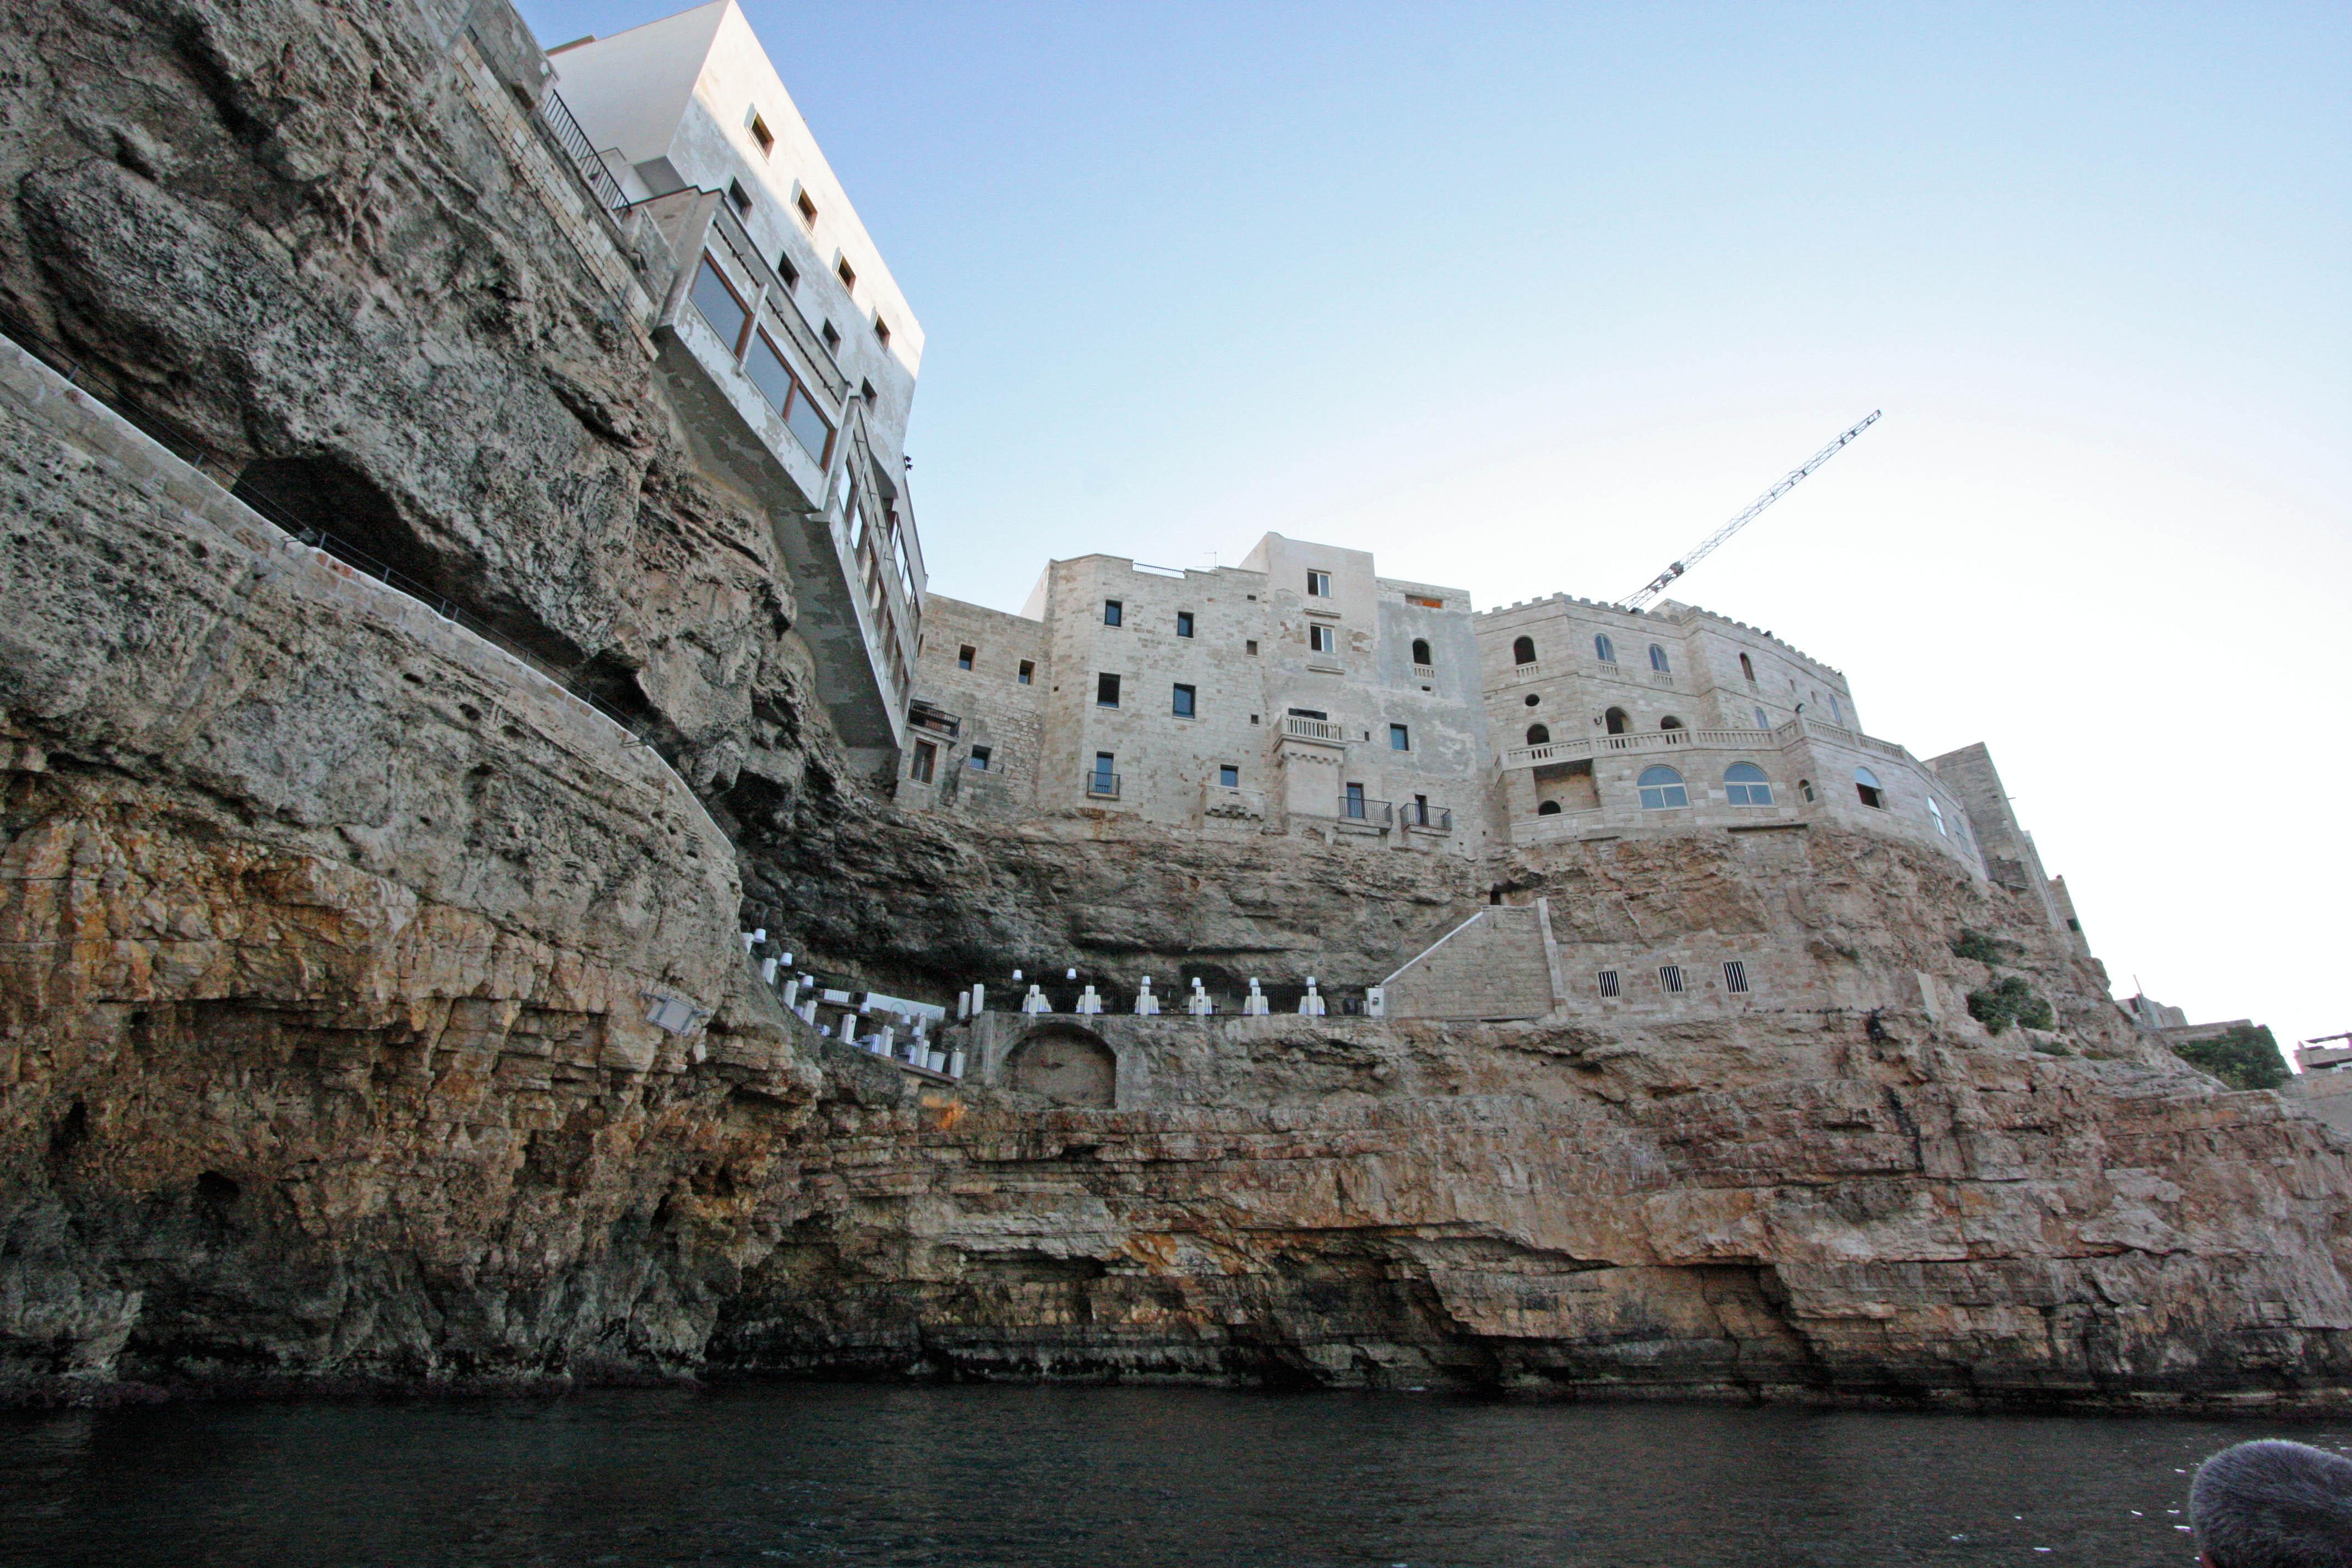 """Résultat de recherche d'images pour """"Grotta Palazzese, Polignano a Mare, Italy"""""""